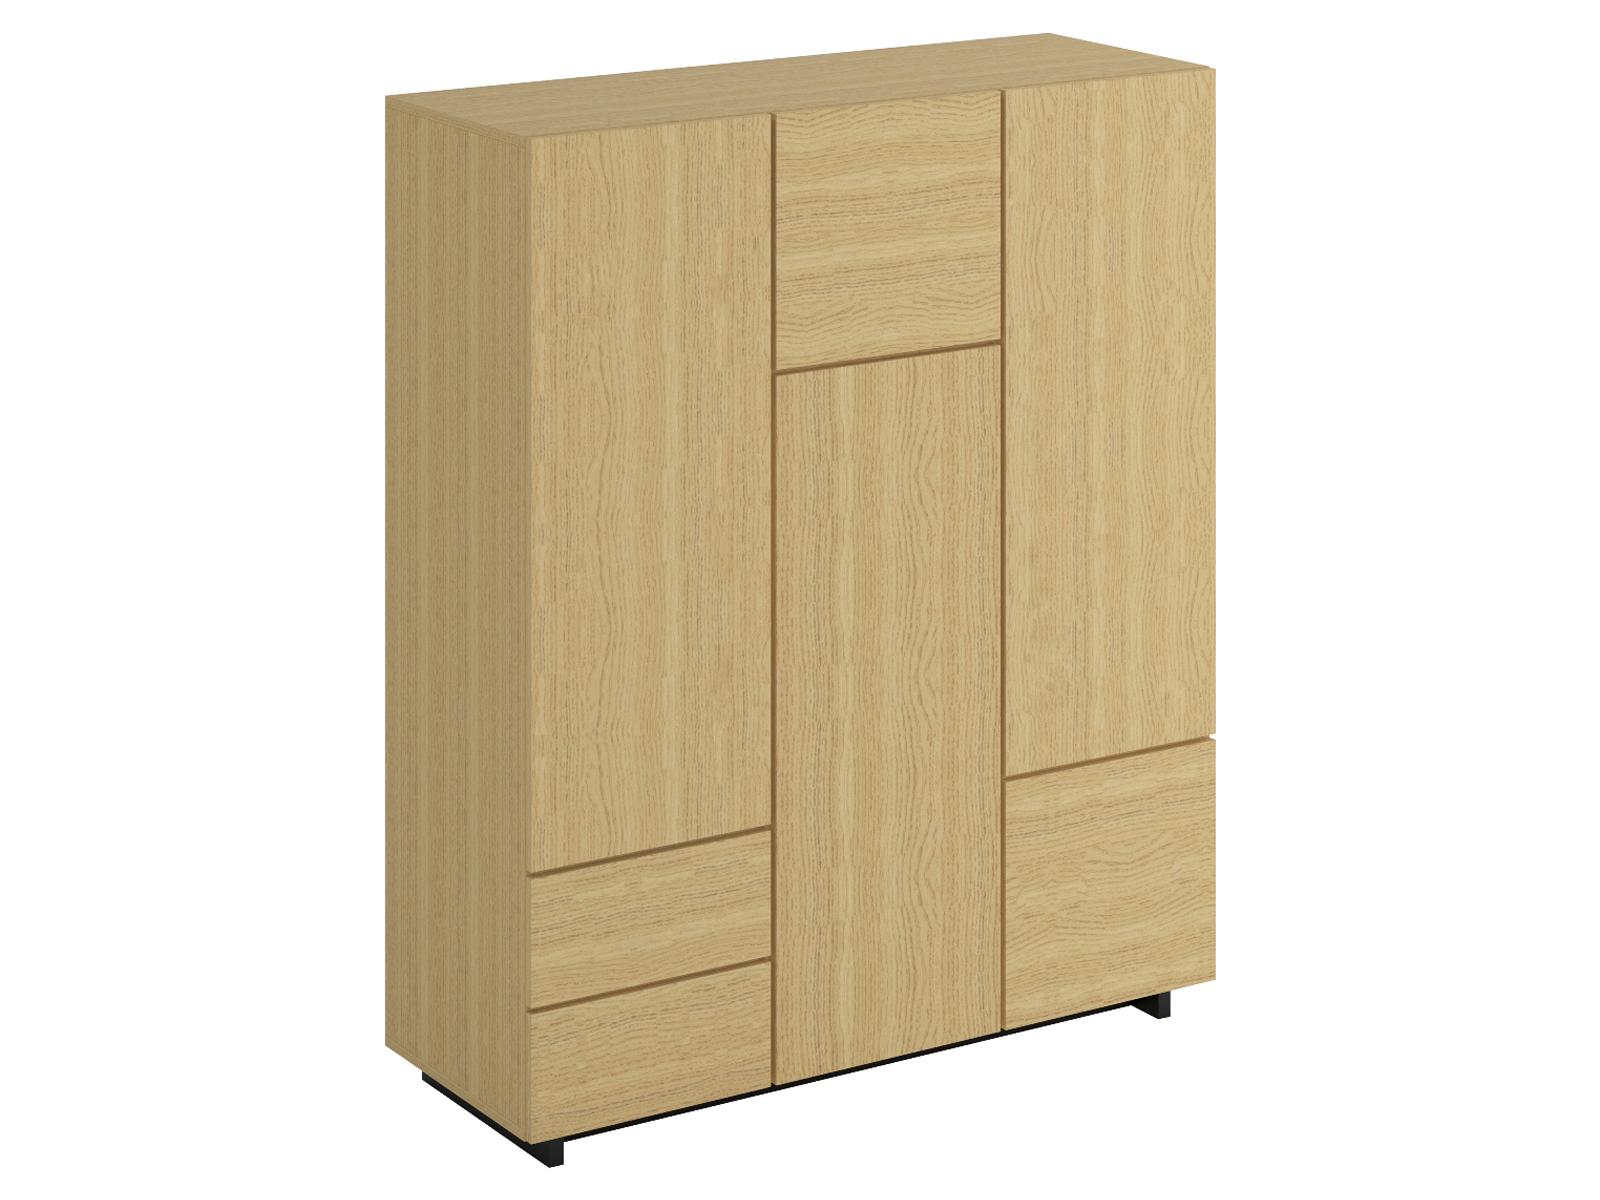 Шкаф Line 3-дверныйШкафы<br>В шкафу два выдвижных ящика, два отделения со штангой для хранения одежды на плечиках, отделение с тремя съёмными полками и два малых отделения для хранения. Дверцы открываются по принципу «нажал-открыл». Рекомендуется крепить к стене.<br>